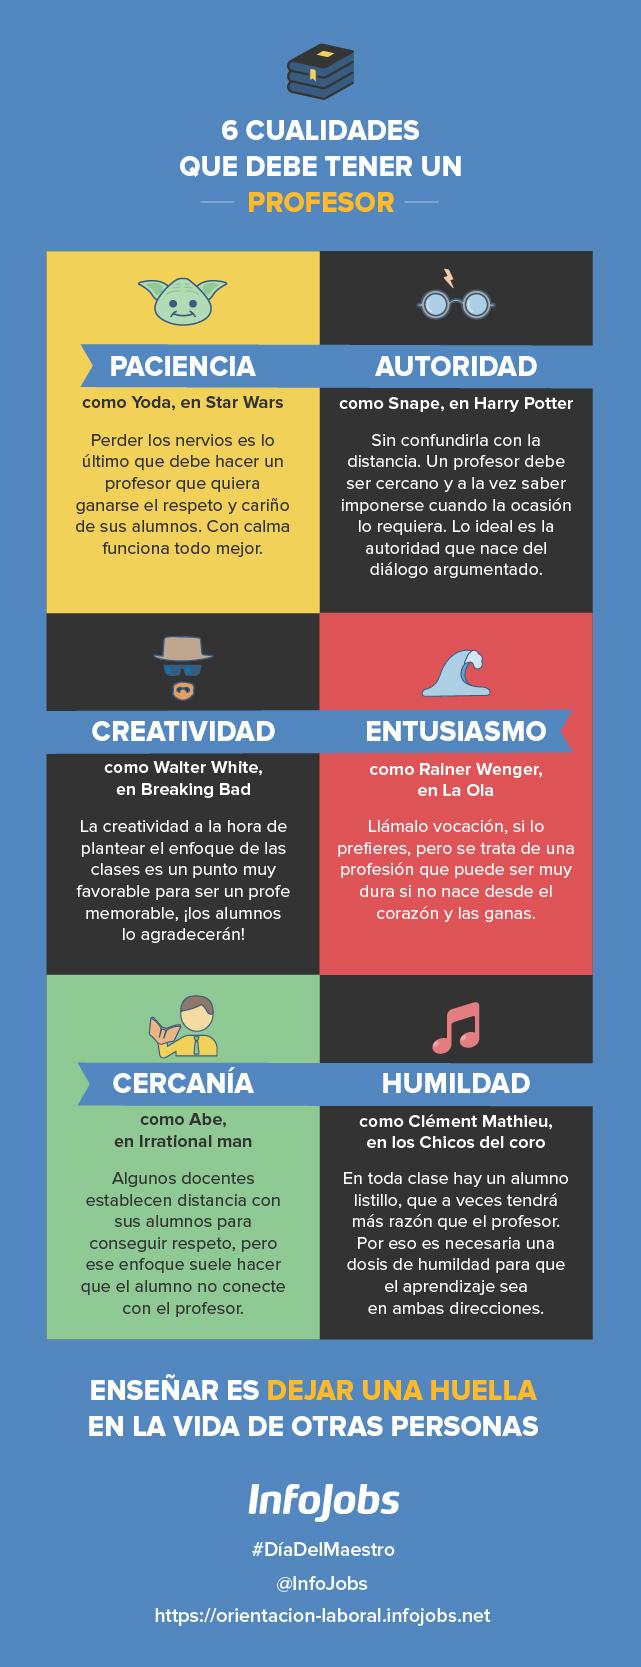 cualidades de un profesor